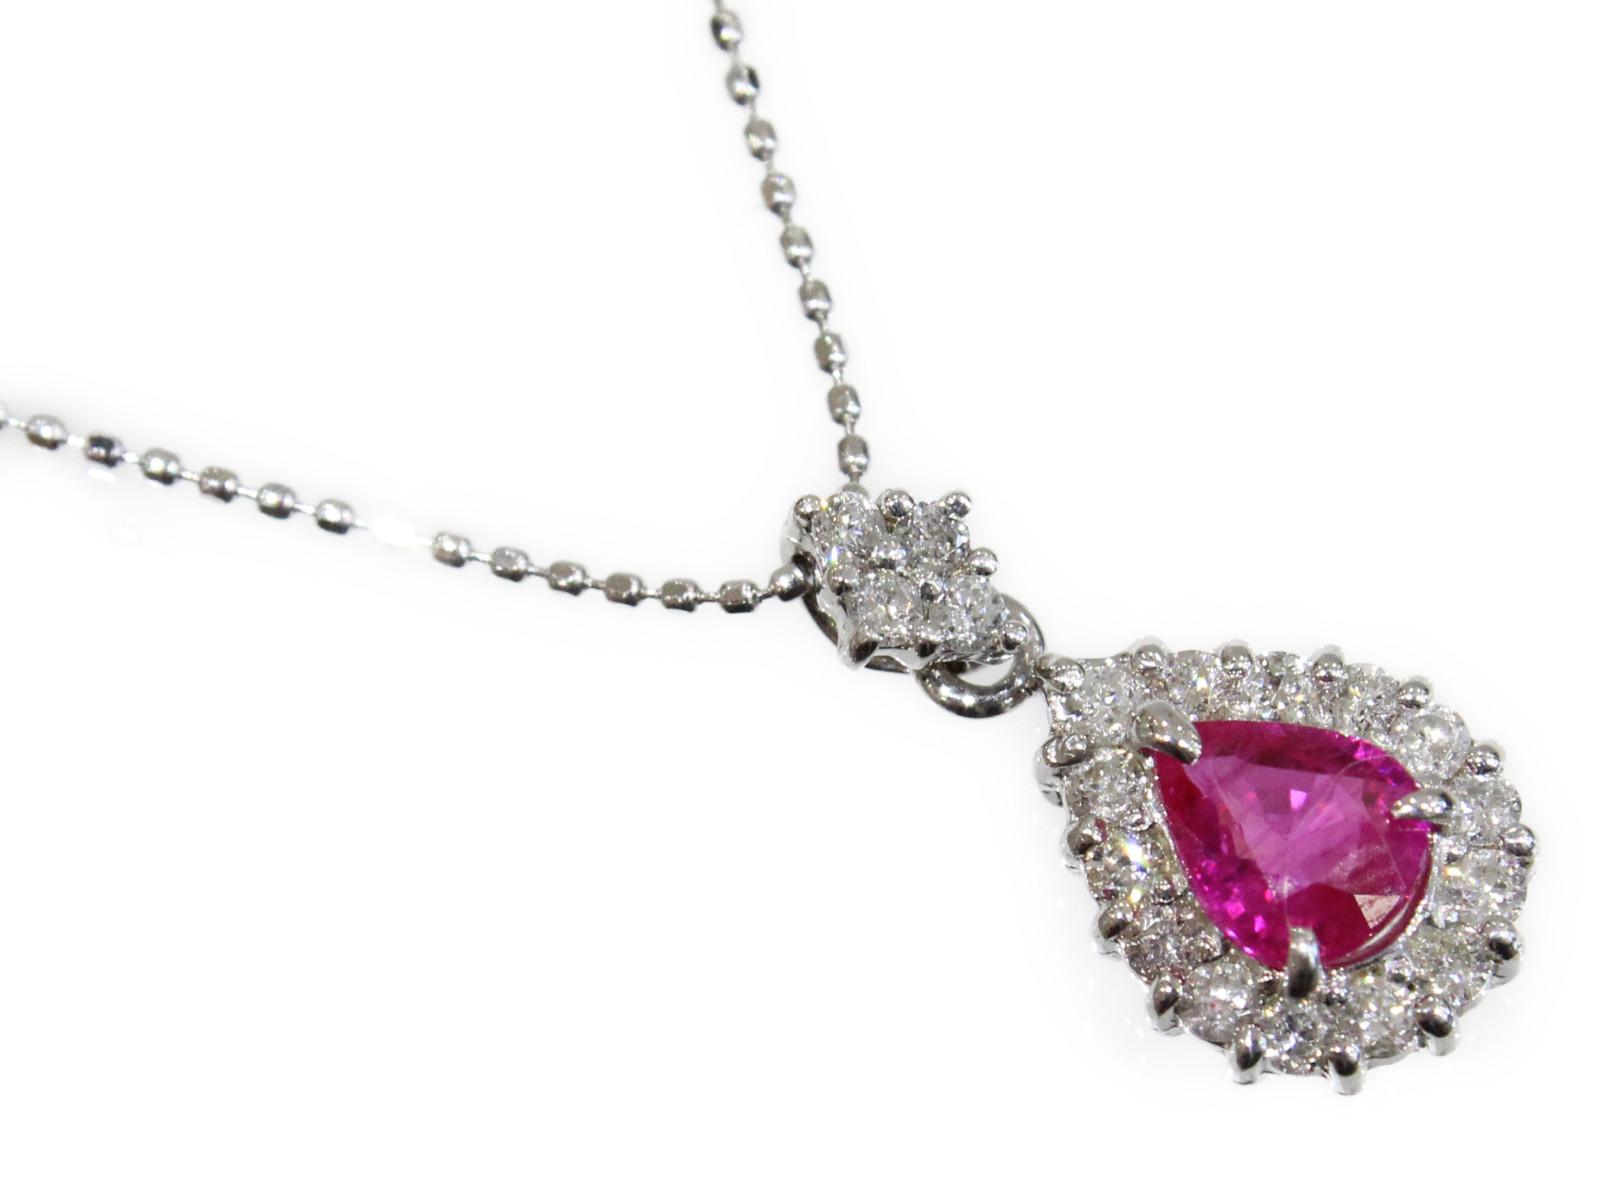 ルビー デザインネックレスダイヤモンド ダイヤ ペンダントK18WG ホワイトゴールド 涙型 しずく型 赤 ピンクかわいい 上品 ジュエリー 宝石【中古】